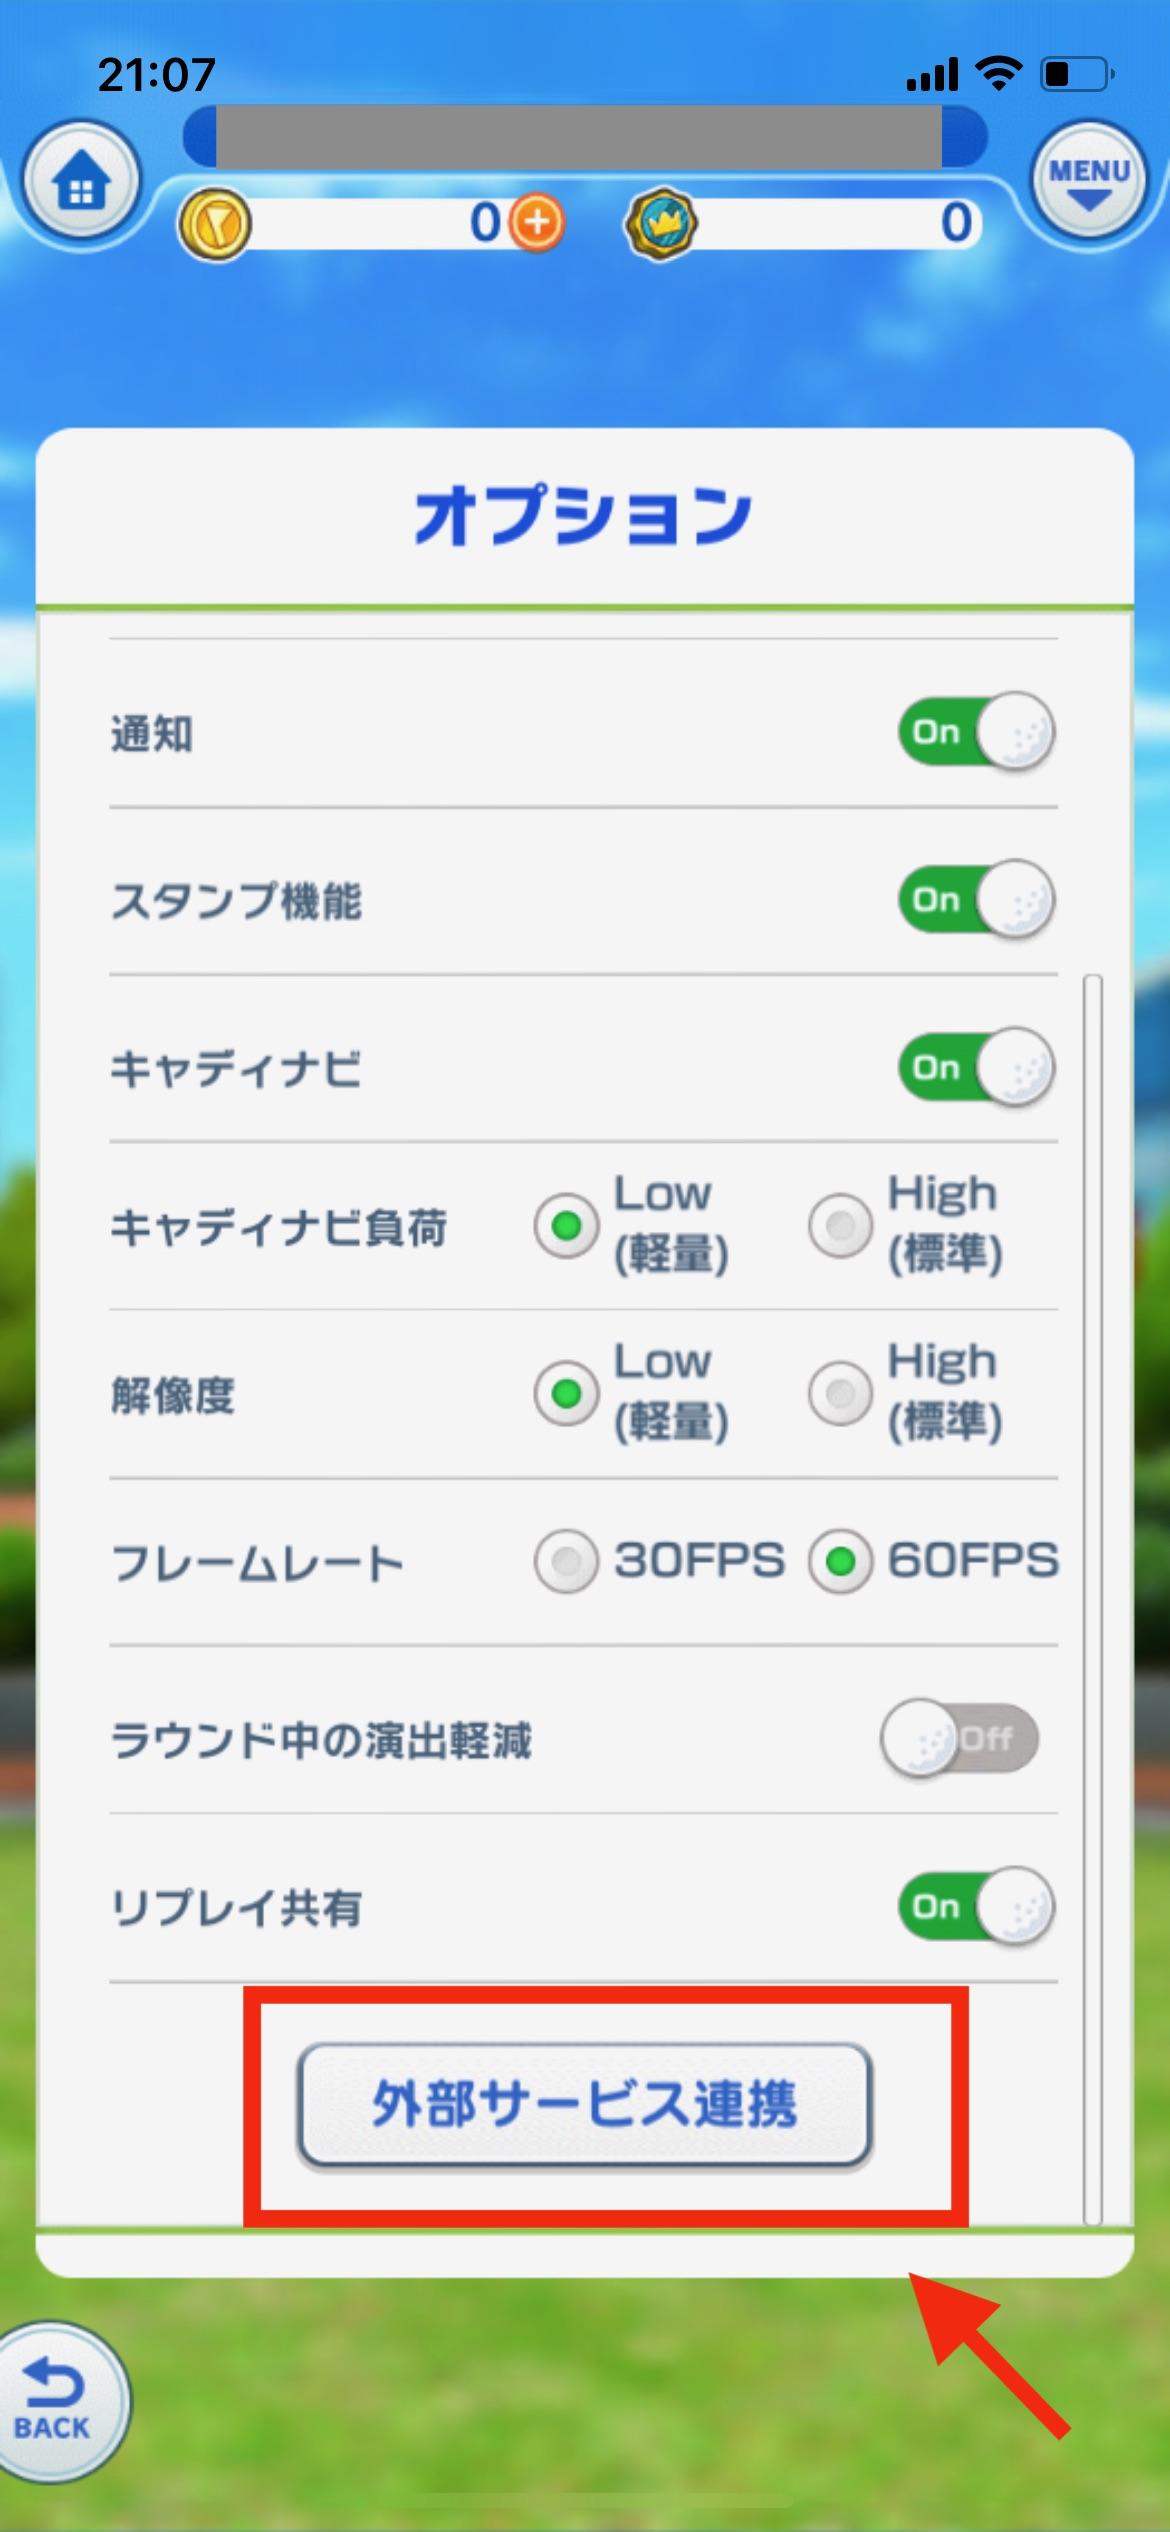 「外部サービス連携」ボタンを押す